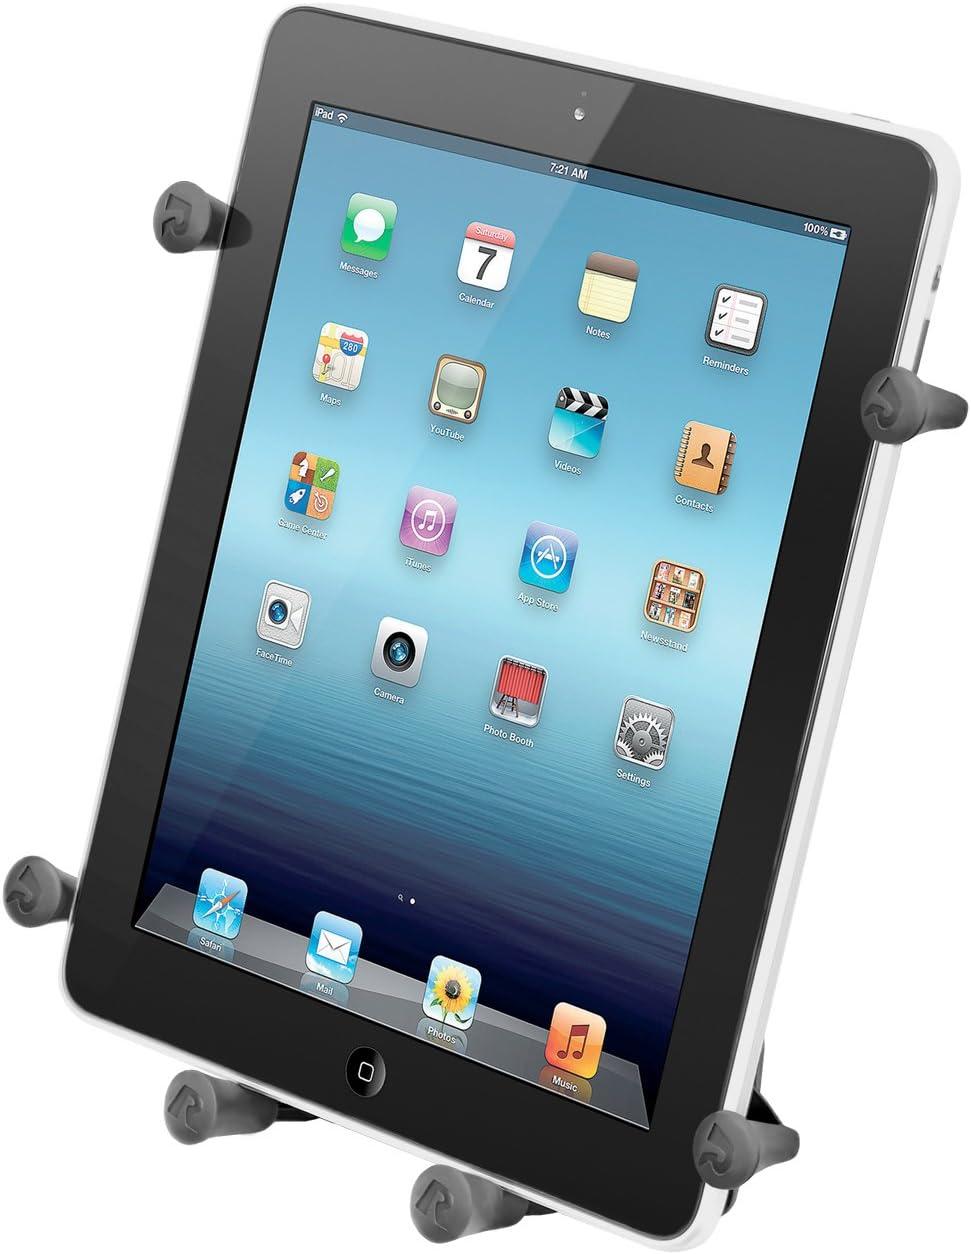 Ram B 166 Un9u Ram Twist Lock Saugnapf Halterung Mit Universal X Griptm Iii Halter Für Große Tablets Computer Zubehör